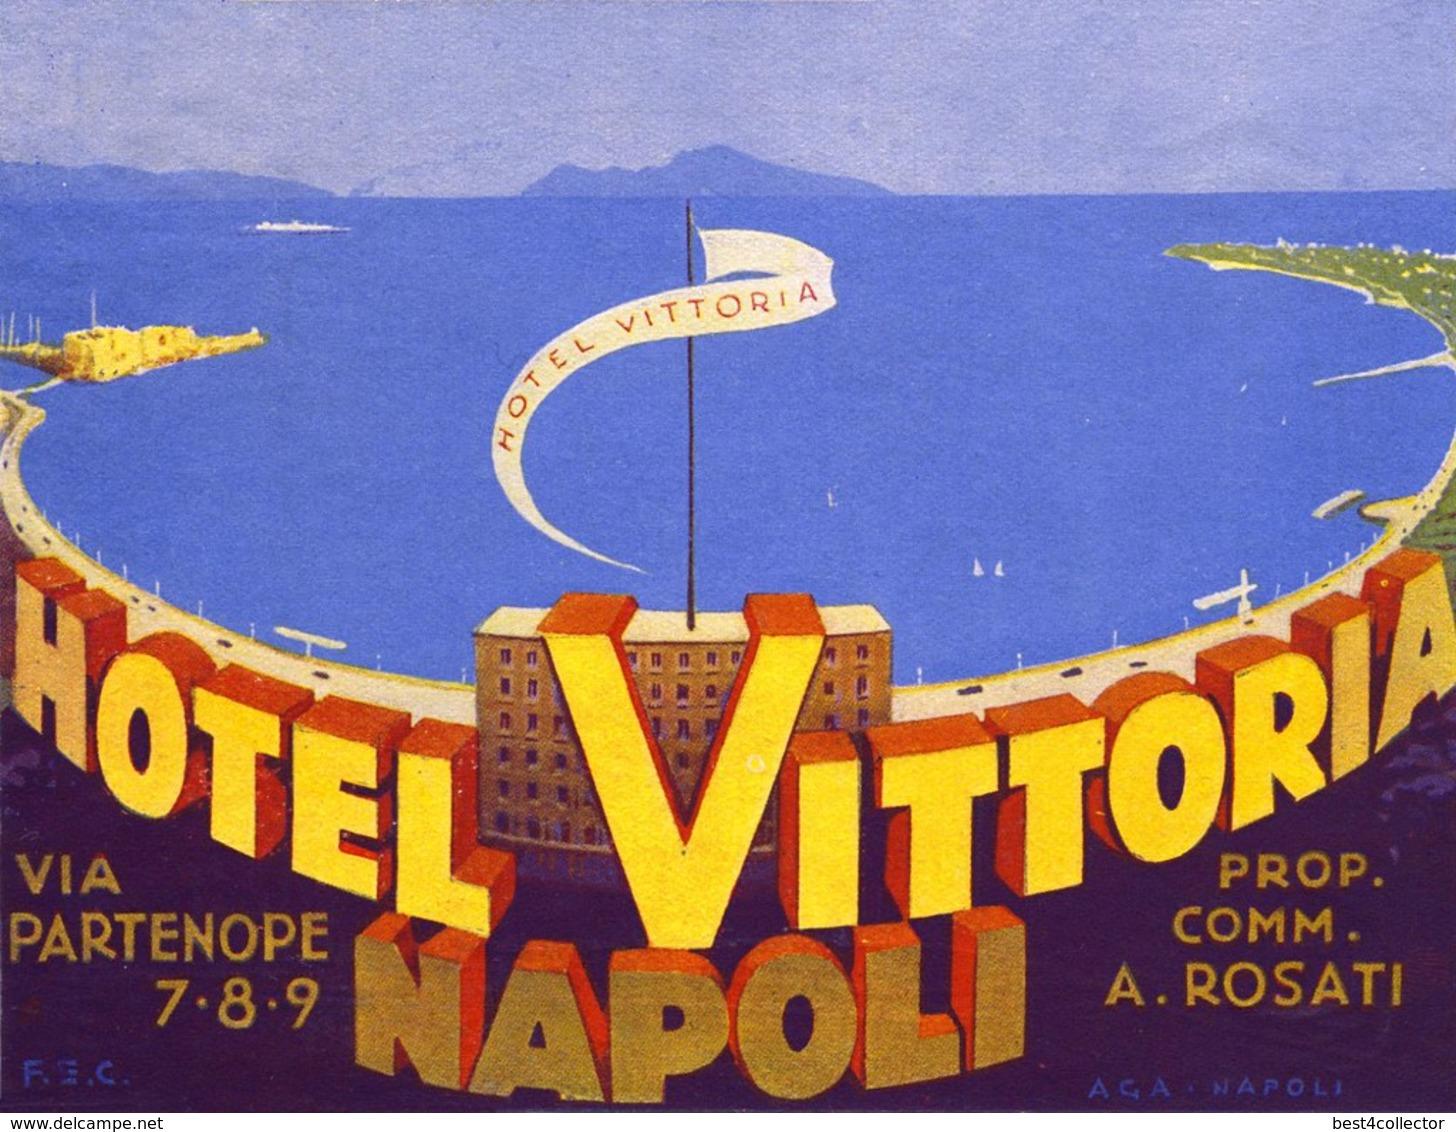 @@@ MAGNET - Hotel Vittoria Naples Italy - Publicitaires